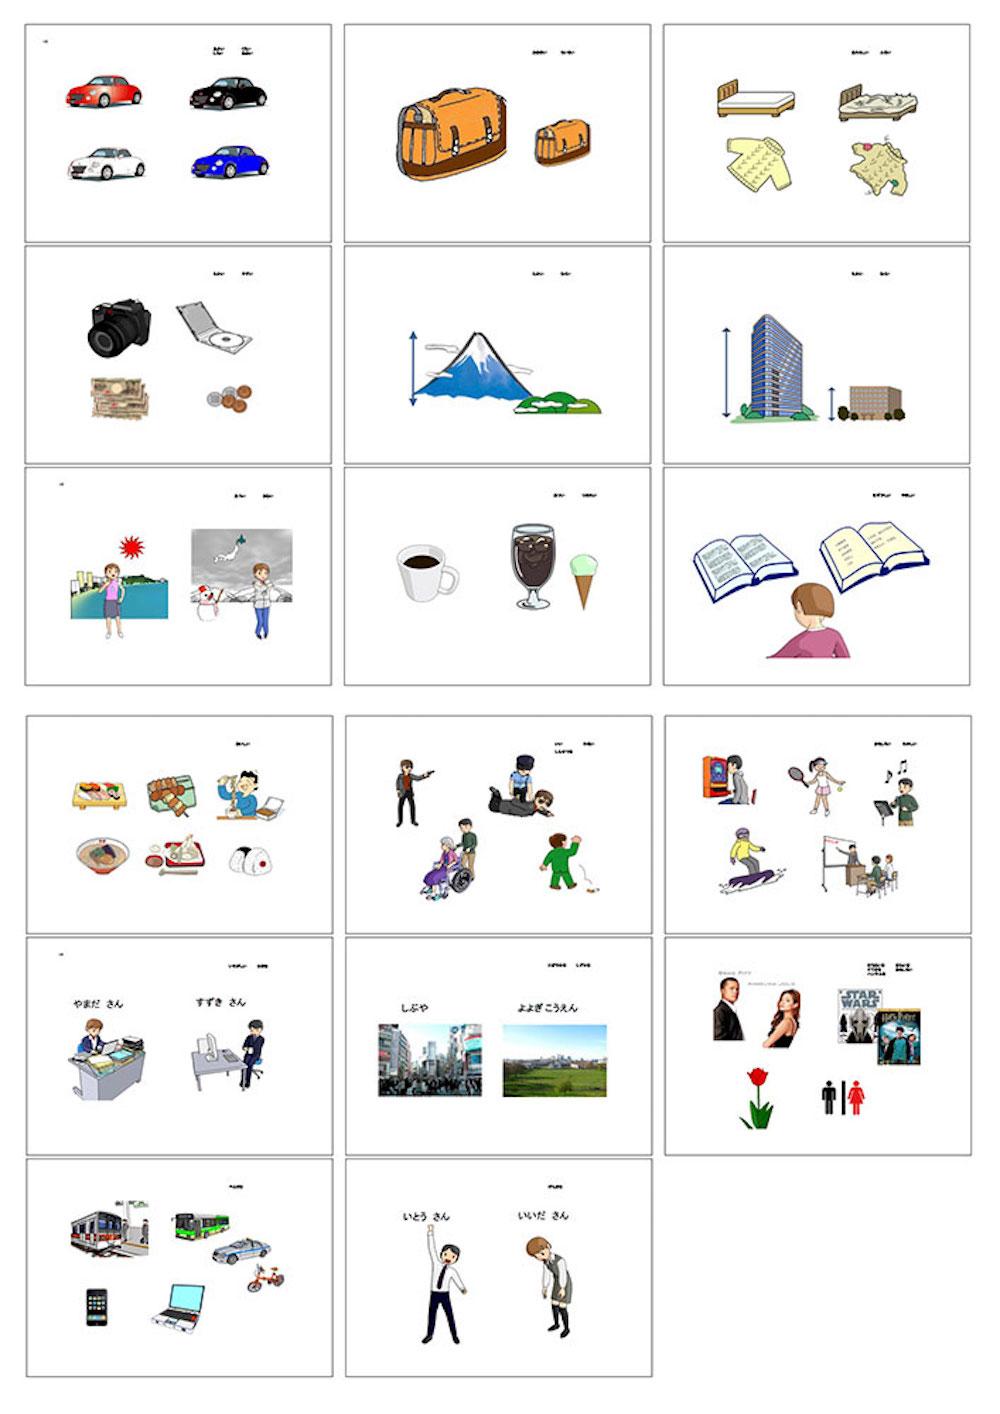 8課絵カードリスト